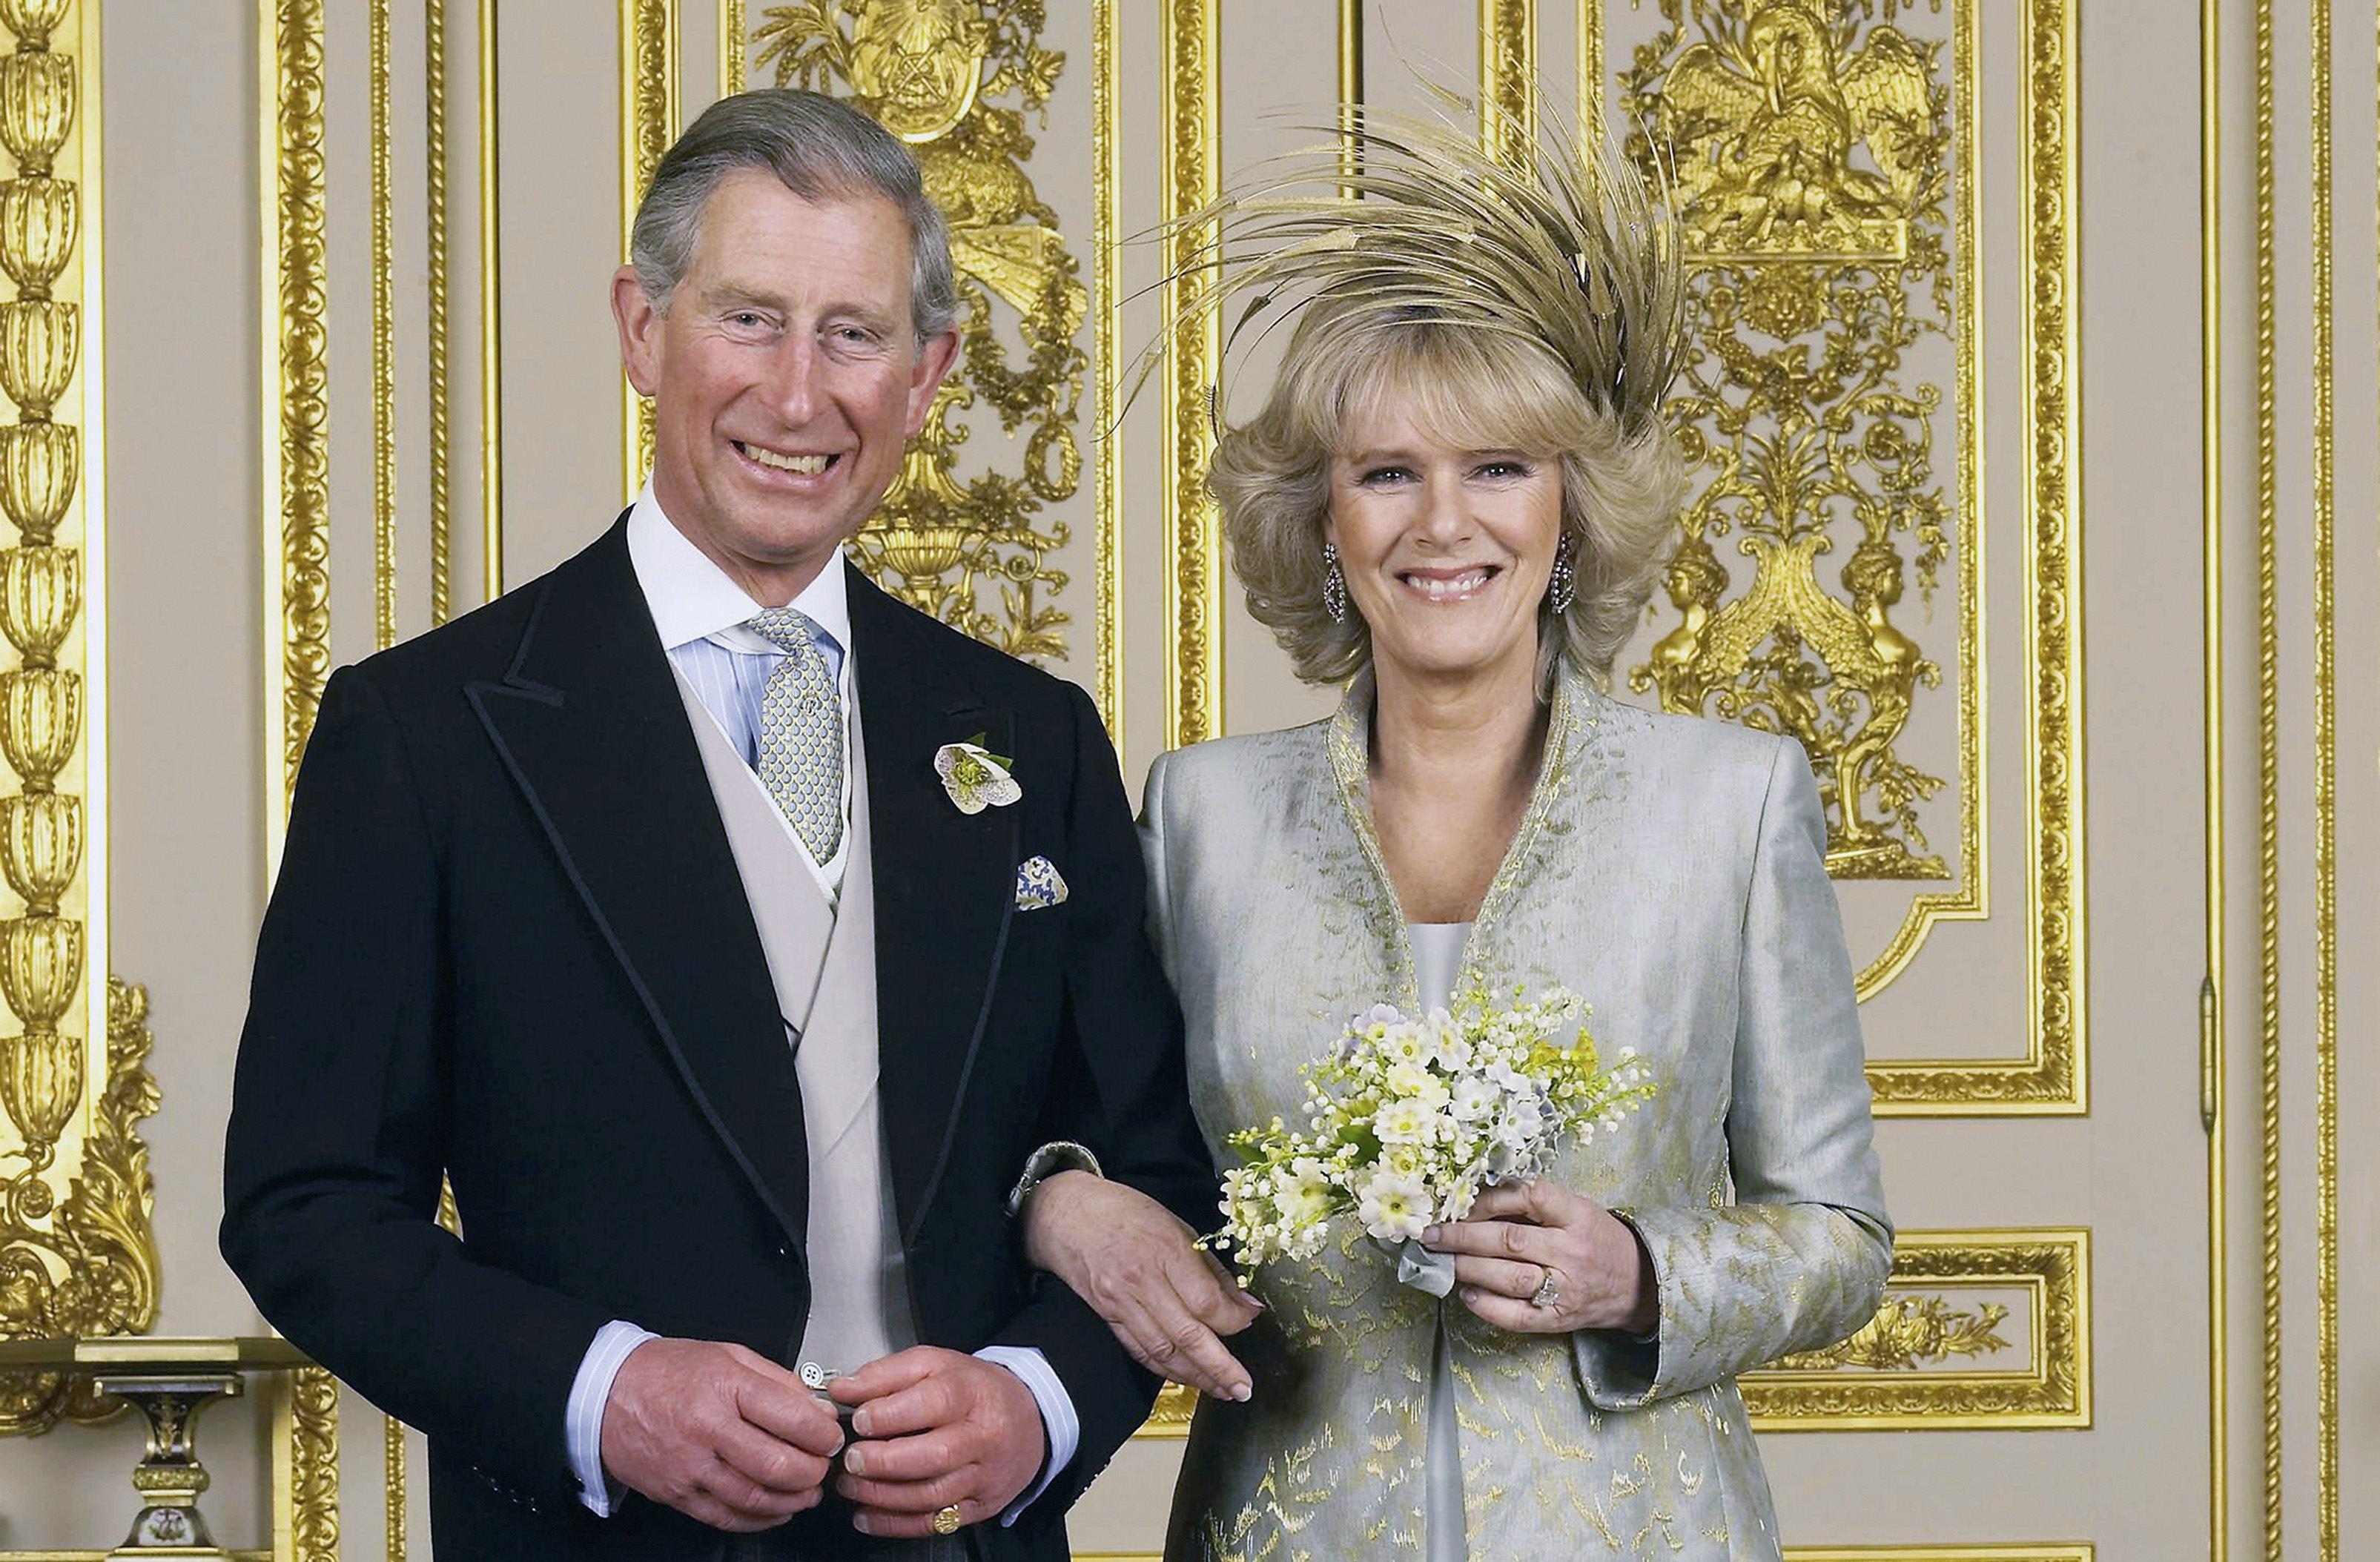 Camilla and Charles wedding